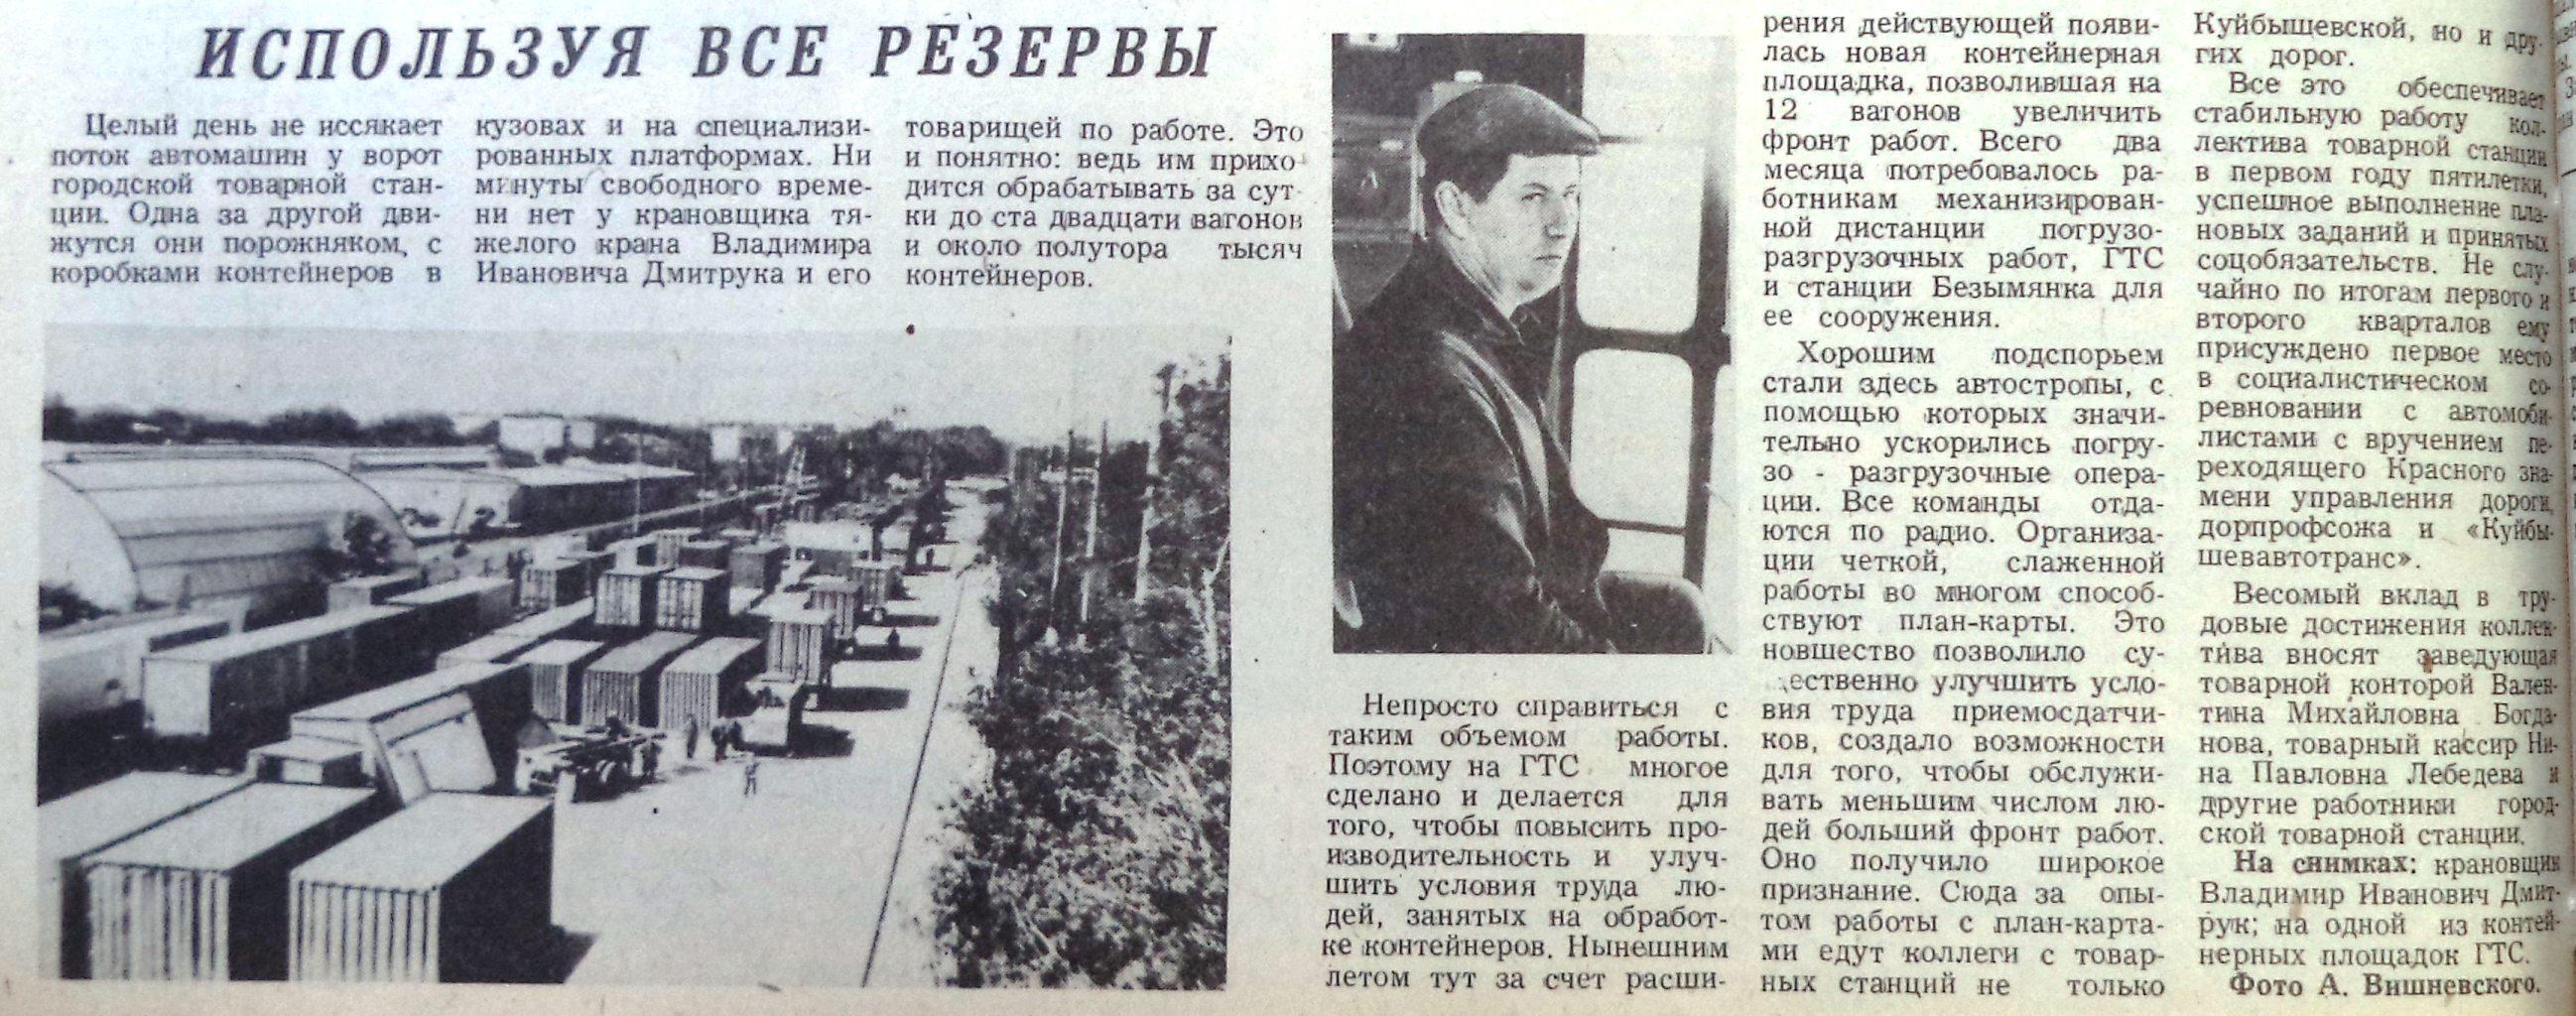 Рыльская-ФОТО-29-Большевистское знамя-1986-27 сентября-1-min